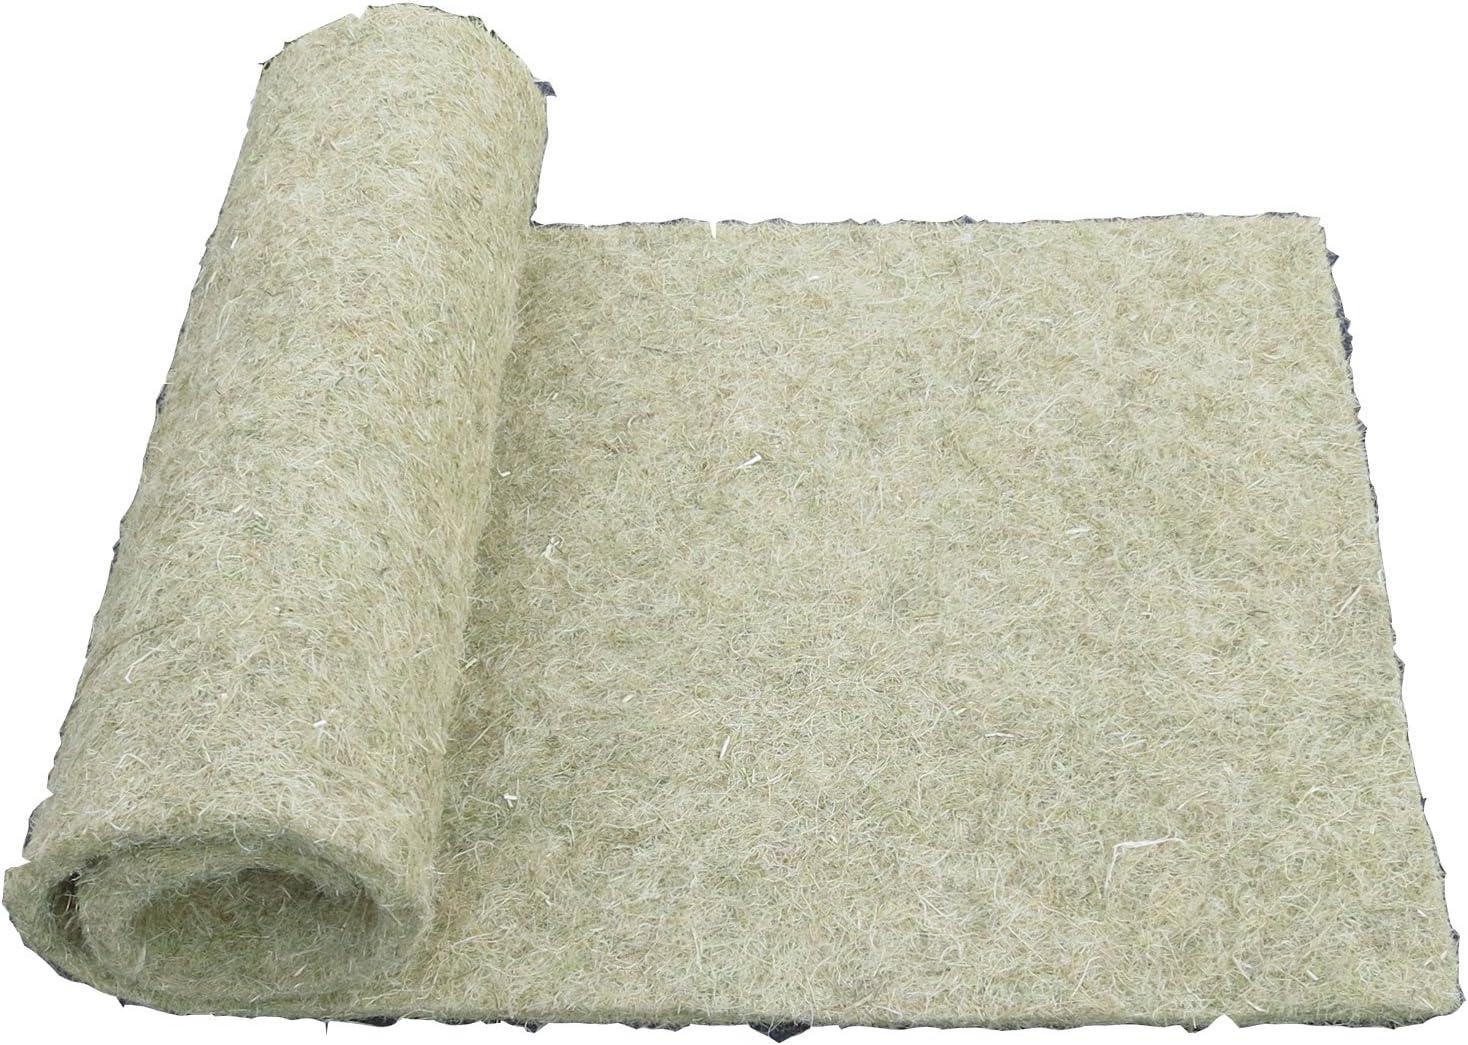 pemmiproducts Alfombra para roedores Hecha de 100% de cáñamo, 120 x 60 cm 10mm de Espesor, Alfombra para roedores Adecuada como Revestimiento de Piso en Jaula